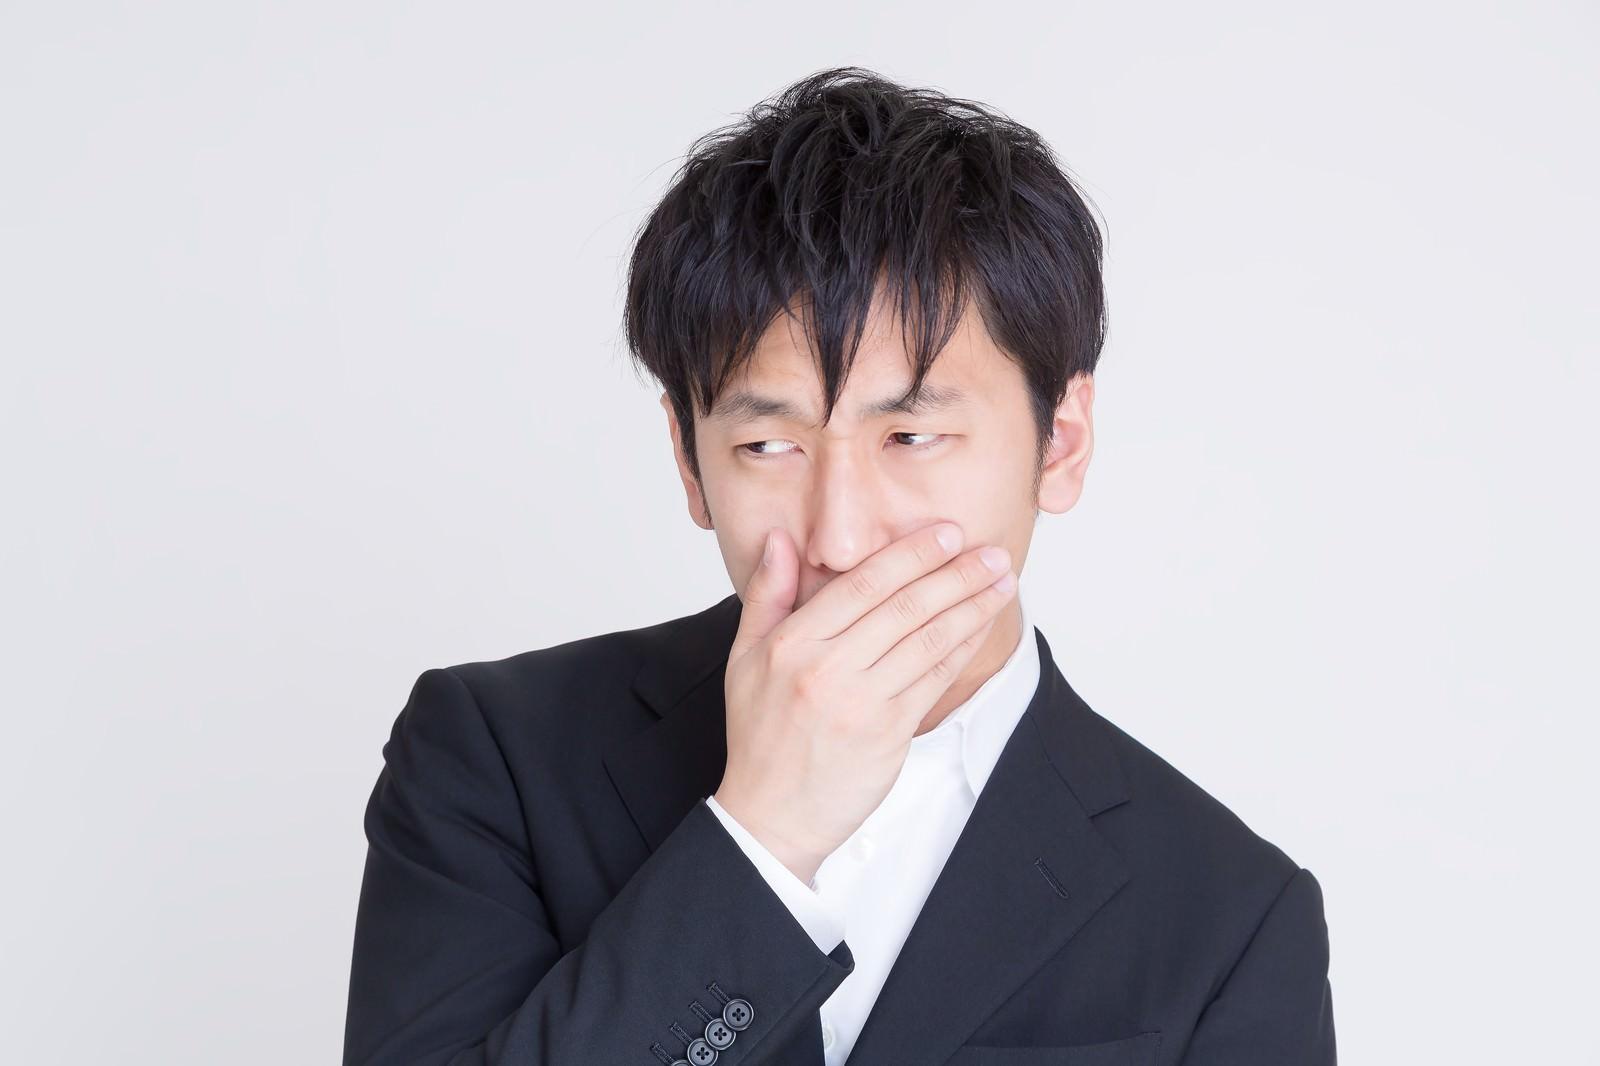 「年収低すぎて口に手をあてるビジネスマン」の写真[モデル:大川竜弥]